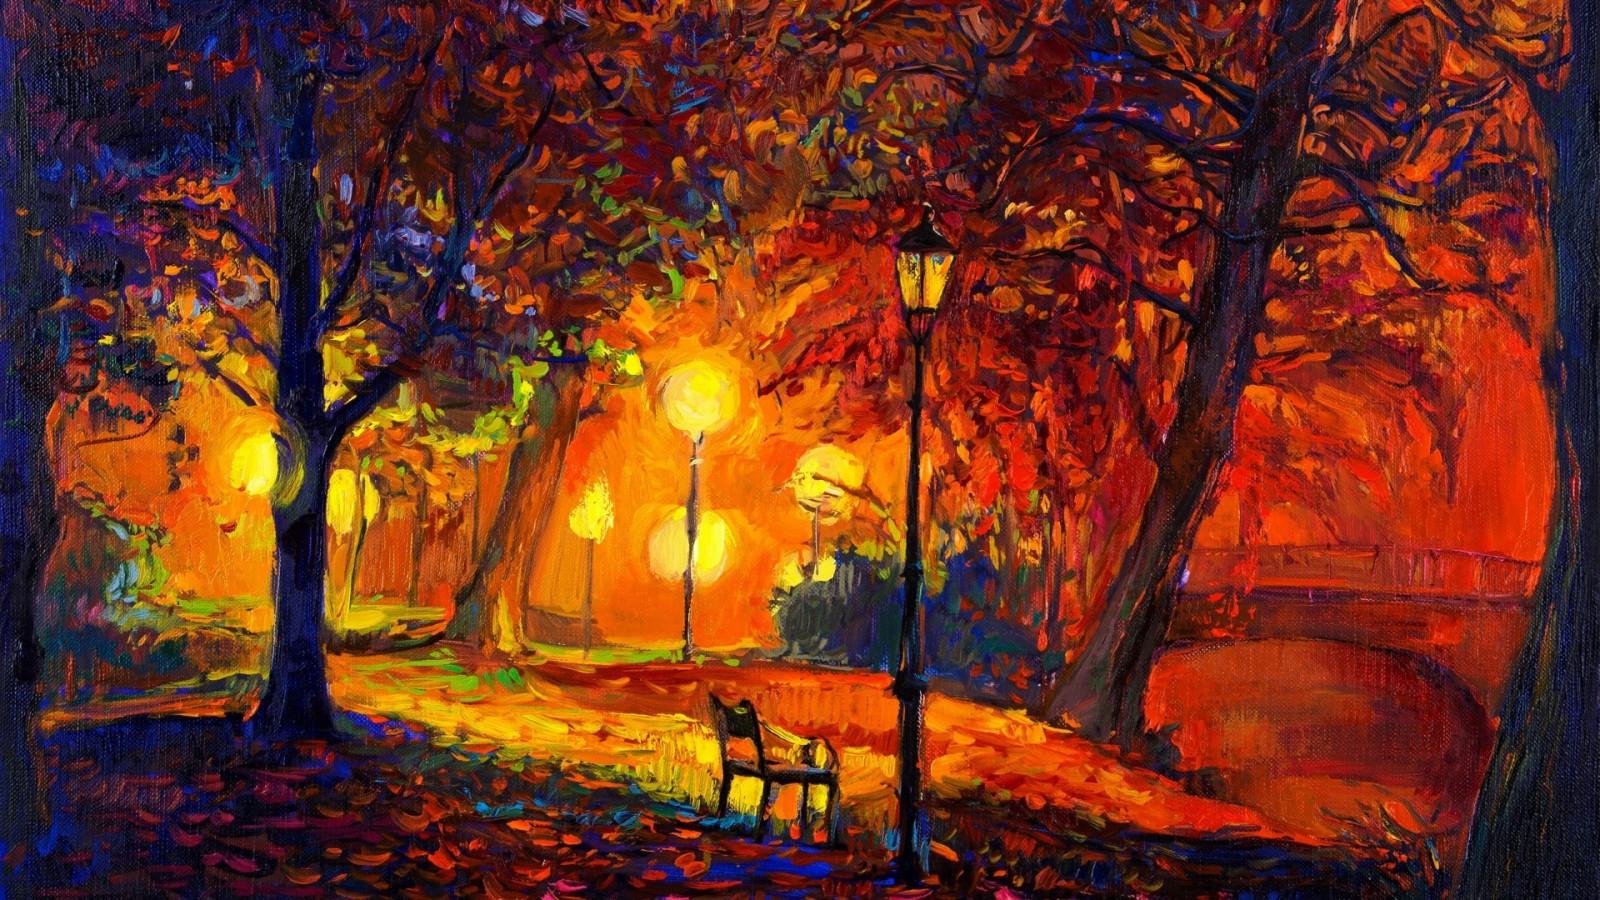 Wallpaper : 1920x1080 px, artwork, bench, digital art, fall